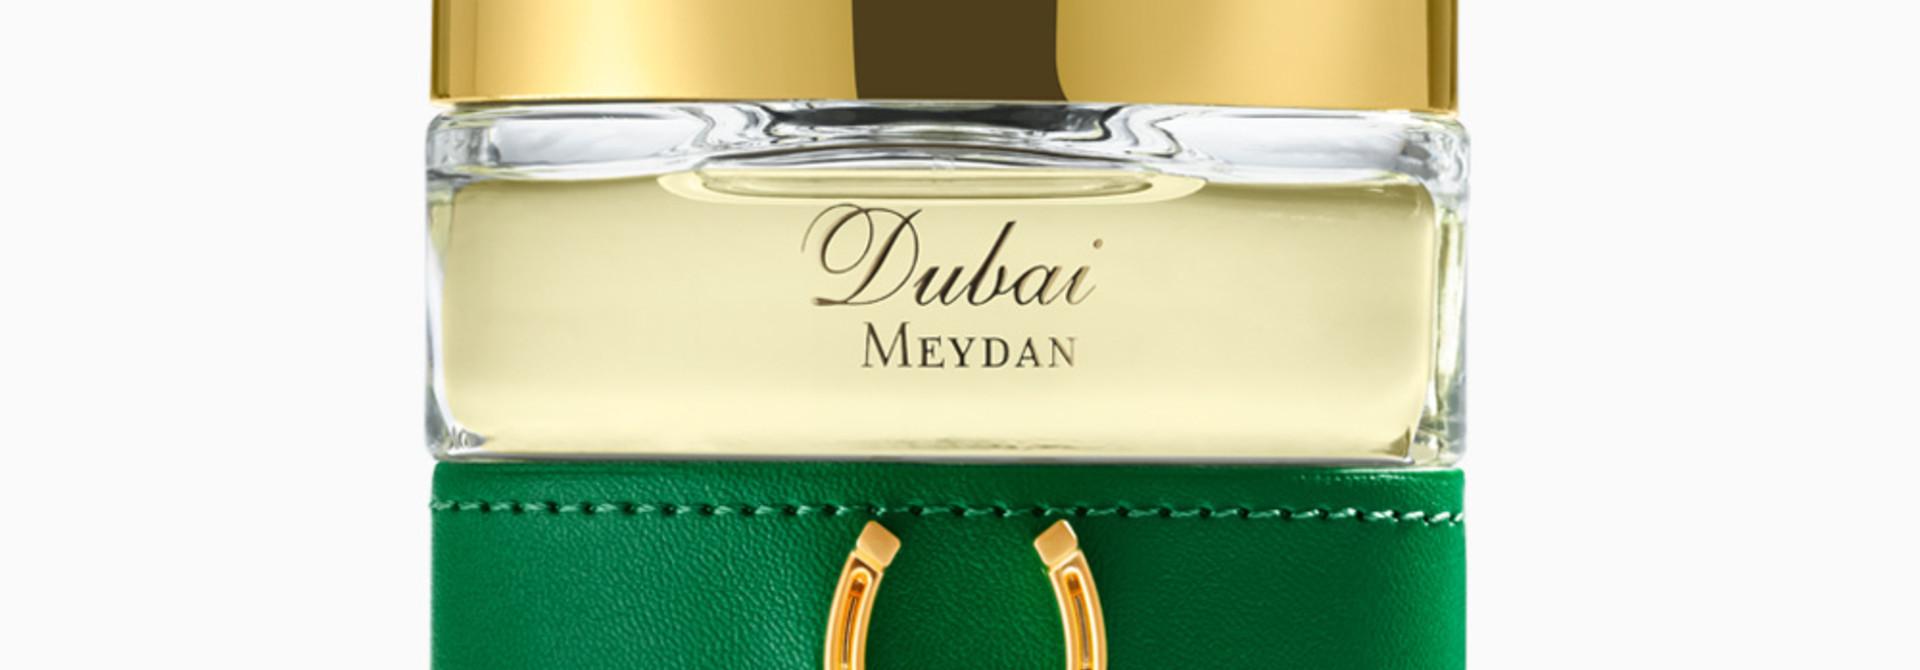 The Spirit of Dubai - Meydan